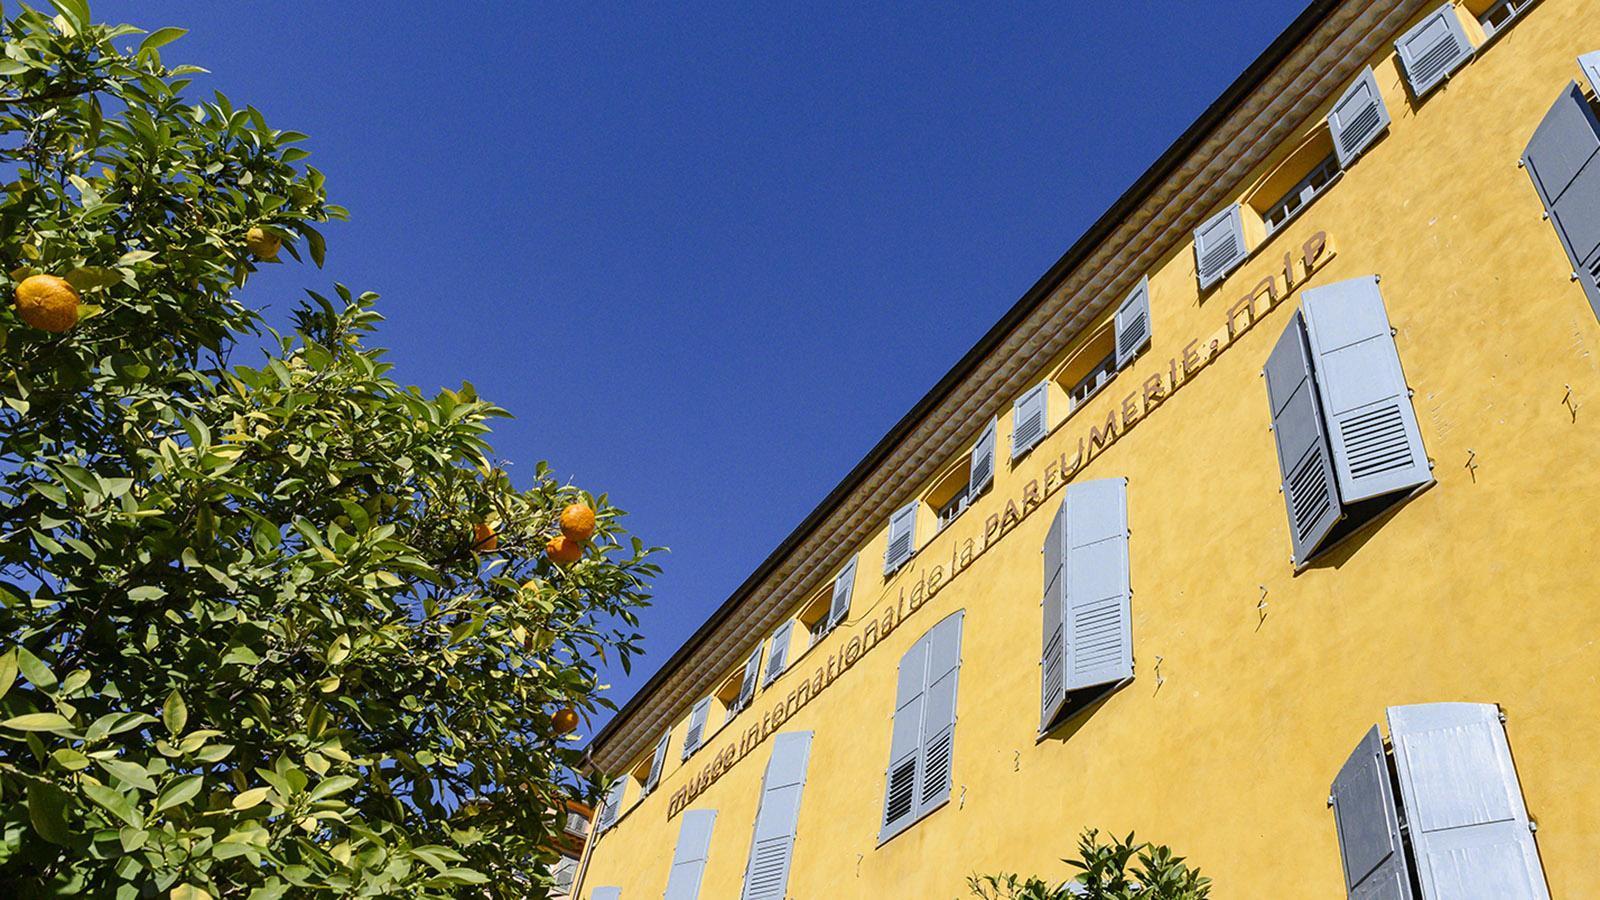 Das internationale Parfümerie-Museum von Grasse. Foto: Hilke Maunder